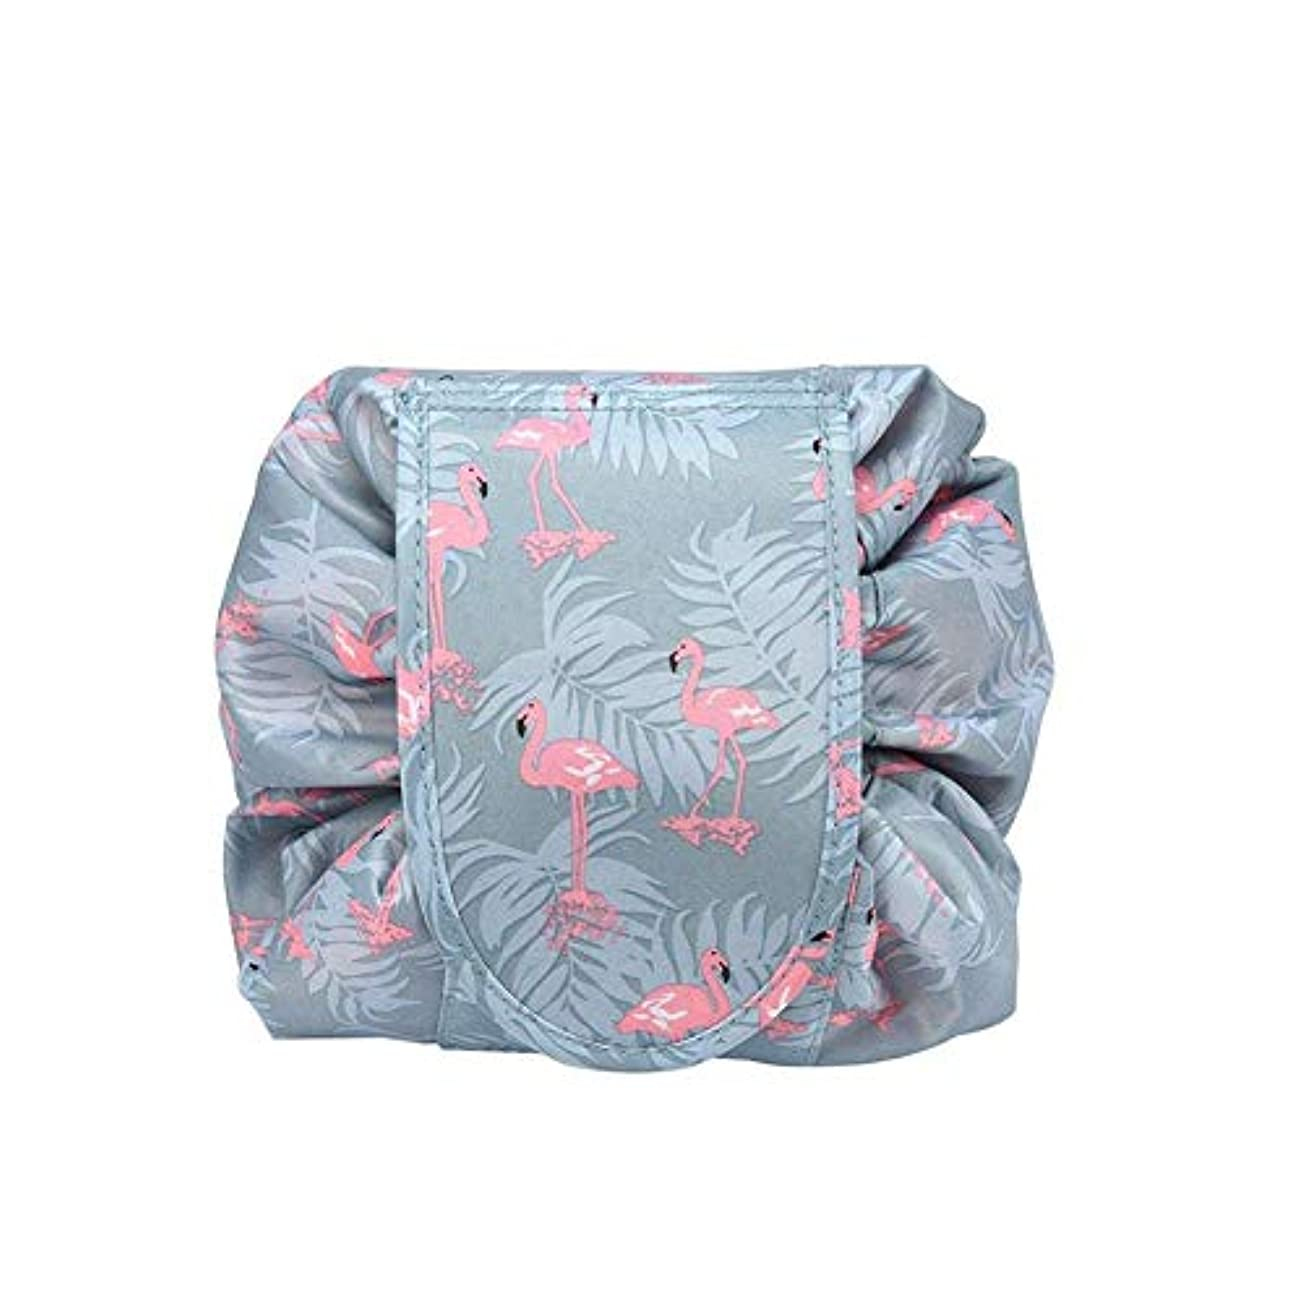 マージ好きである安西Xiton レイジー魔法のメイクアップ化粧品化粧品袋の主催防水ポーチアウトドア